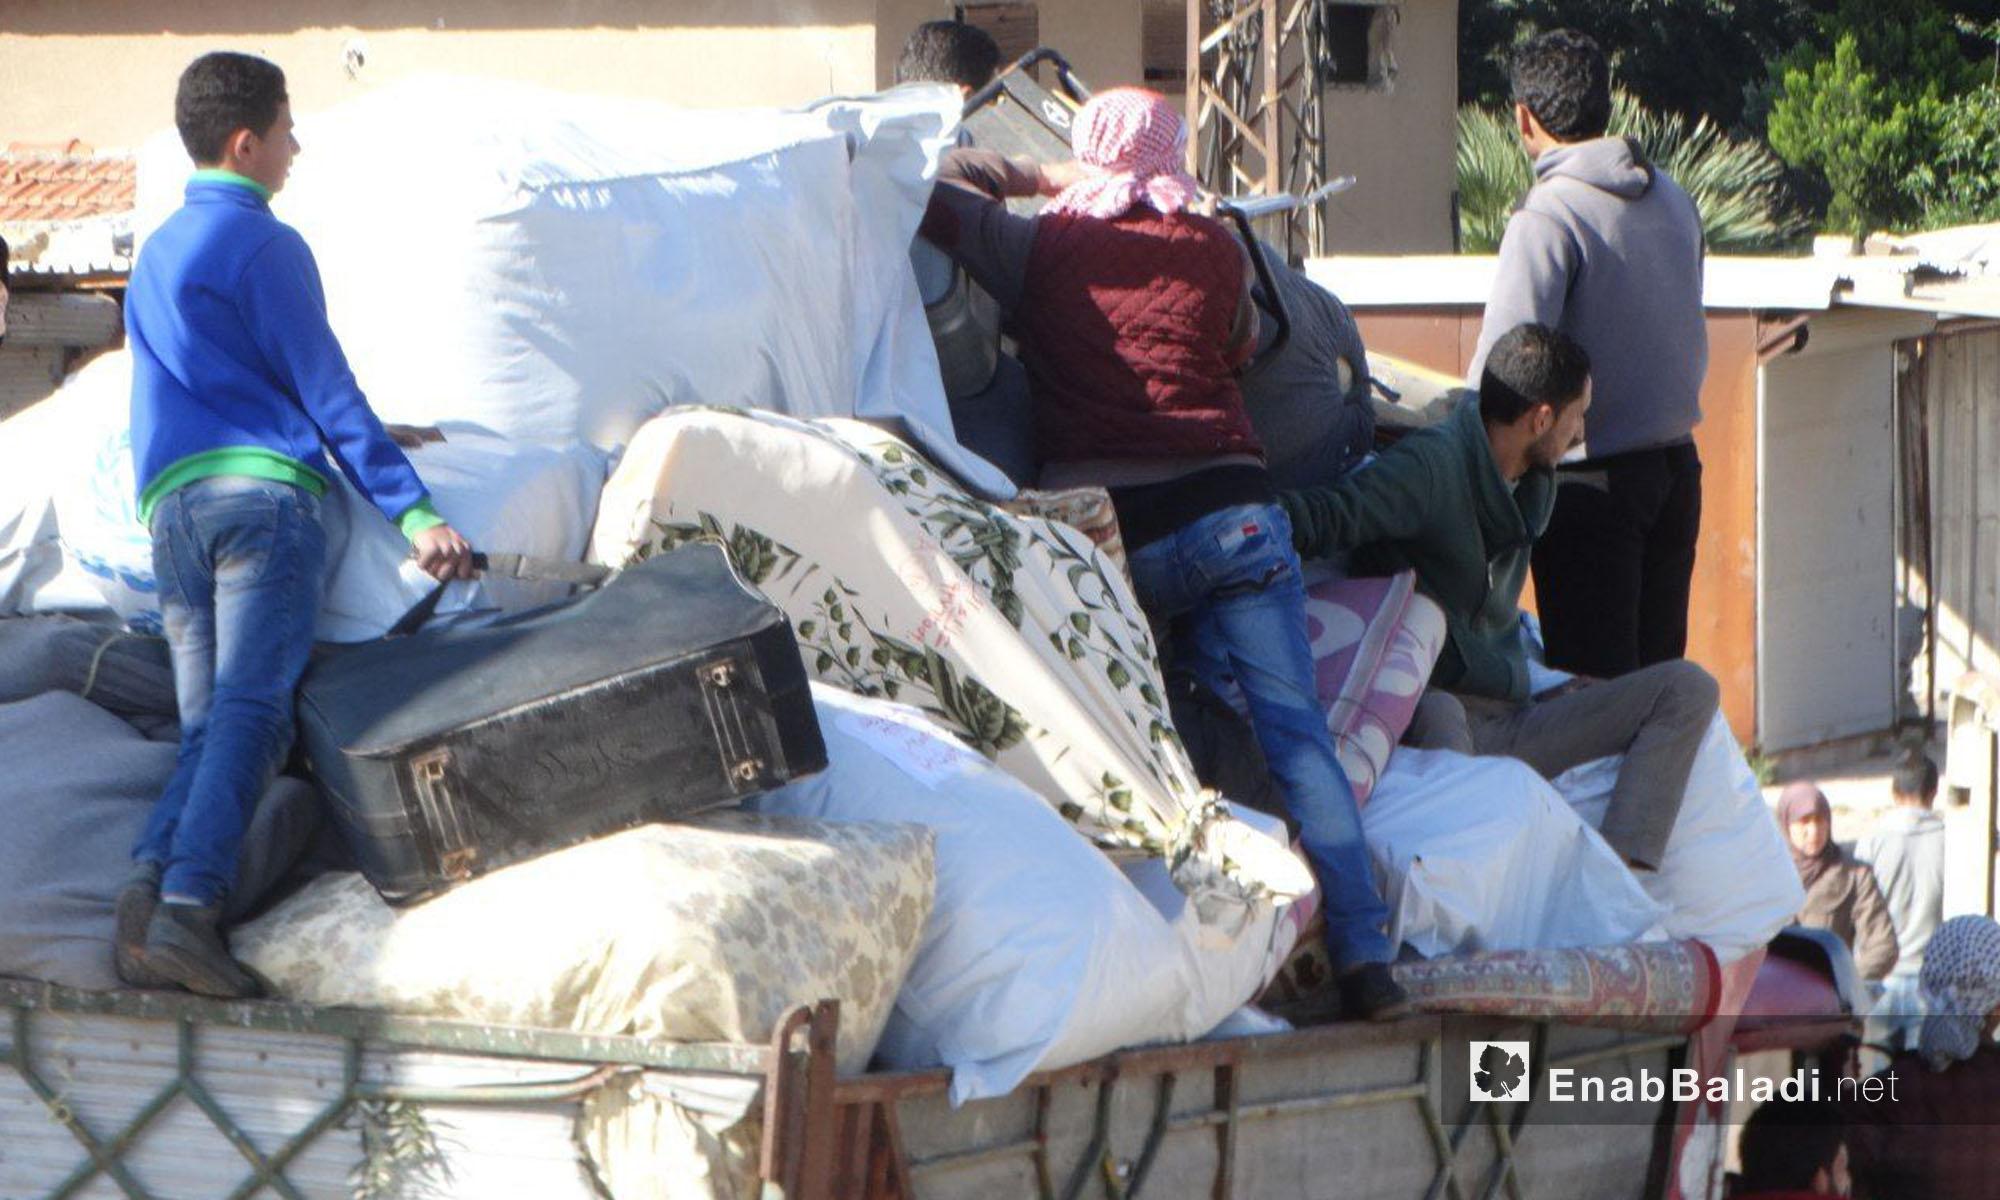 أهالي حي الوعر ينقلون أمتعتهم للخروج إلى جرابلس - 24 نيسان 2017 (عنب بلدي)